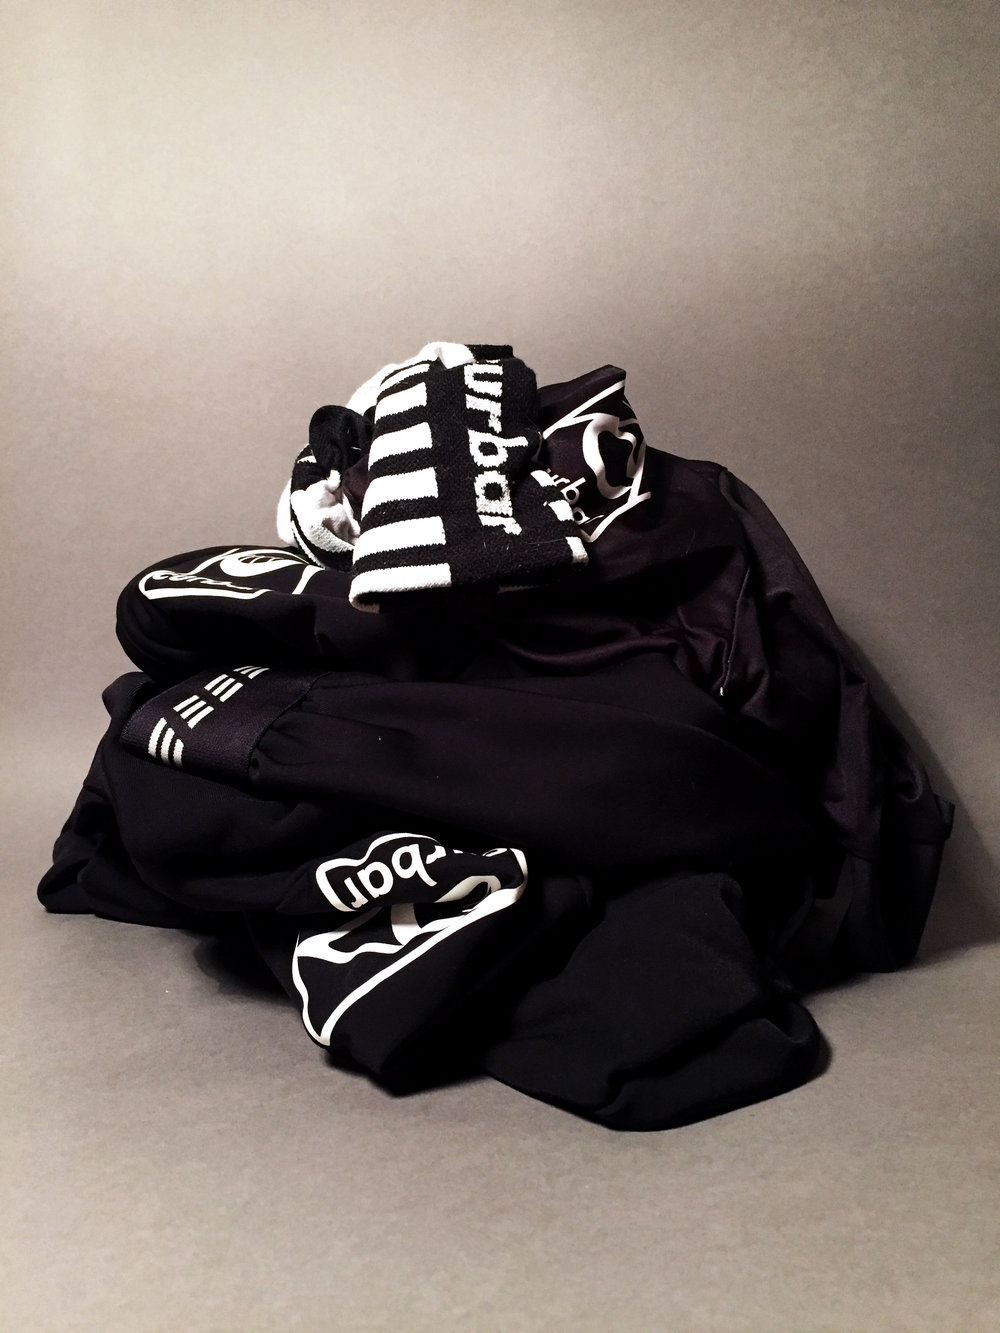 ls endurance jersey, ss grid jersey, classic bib tights, comb socks